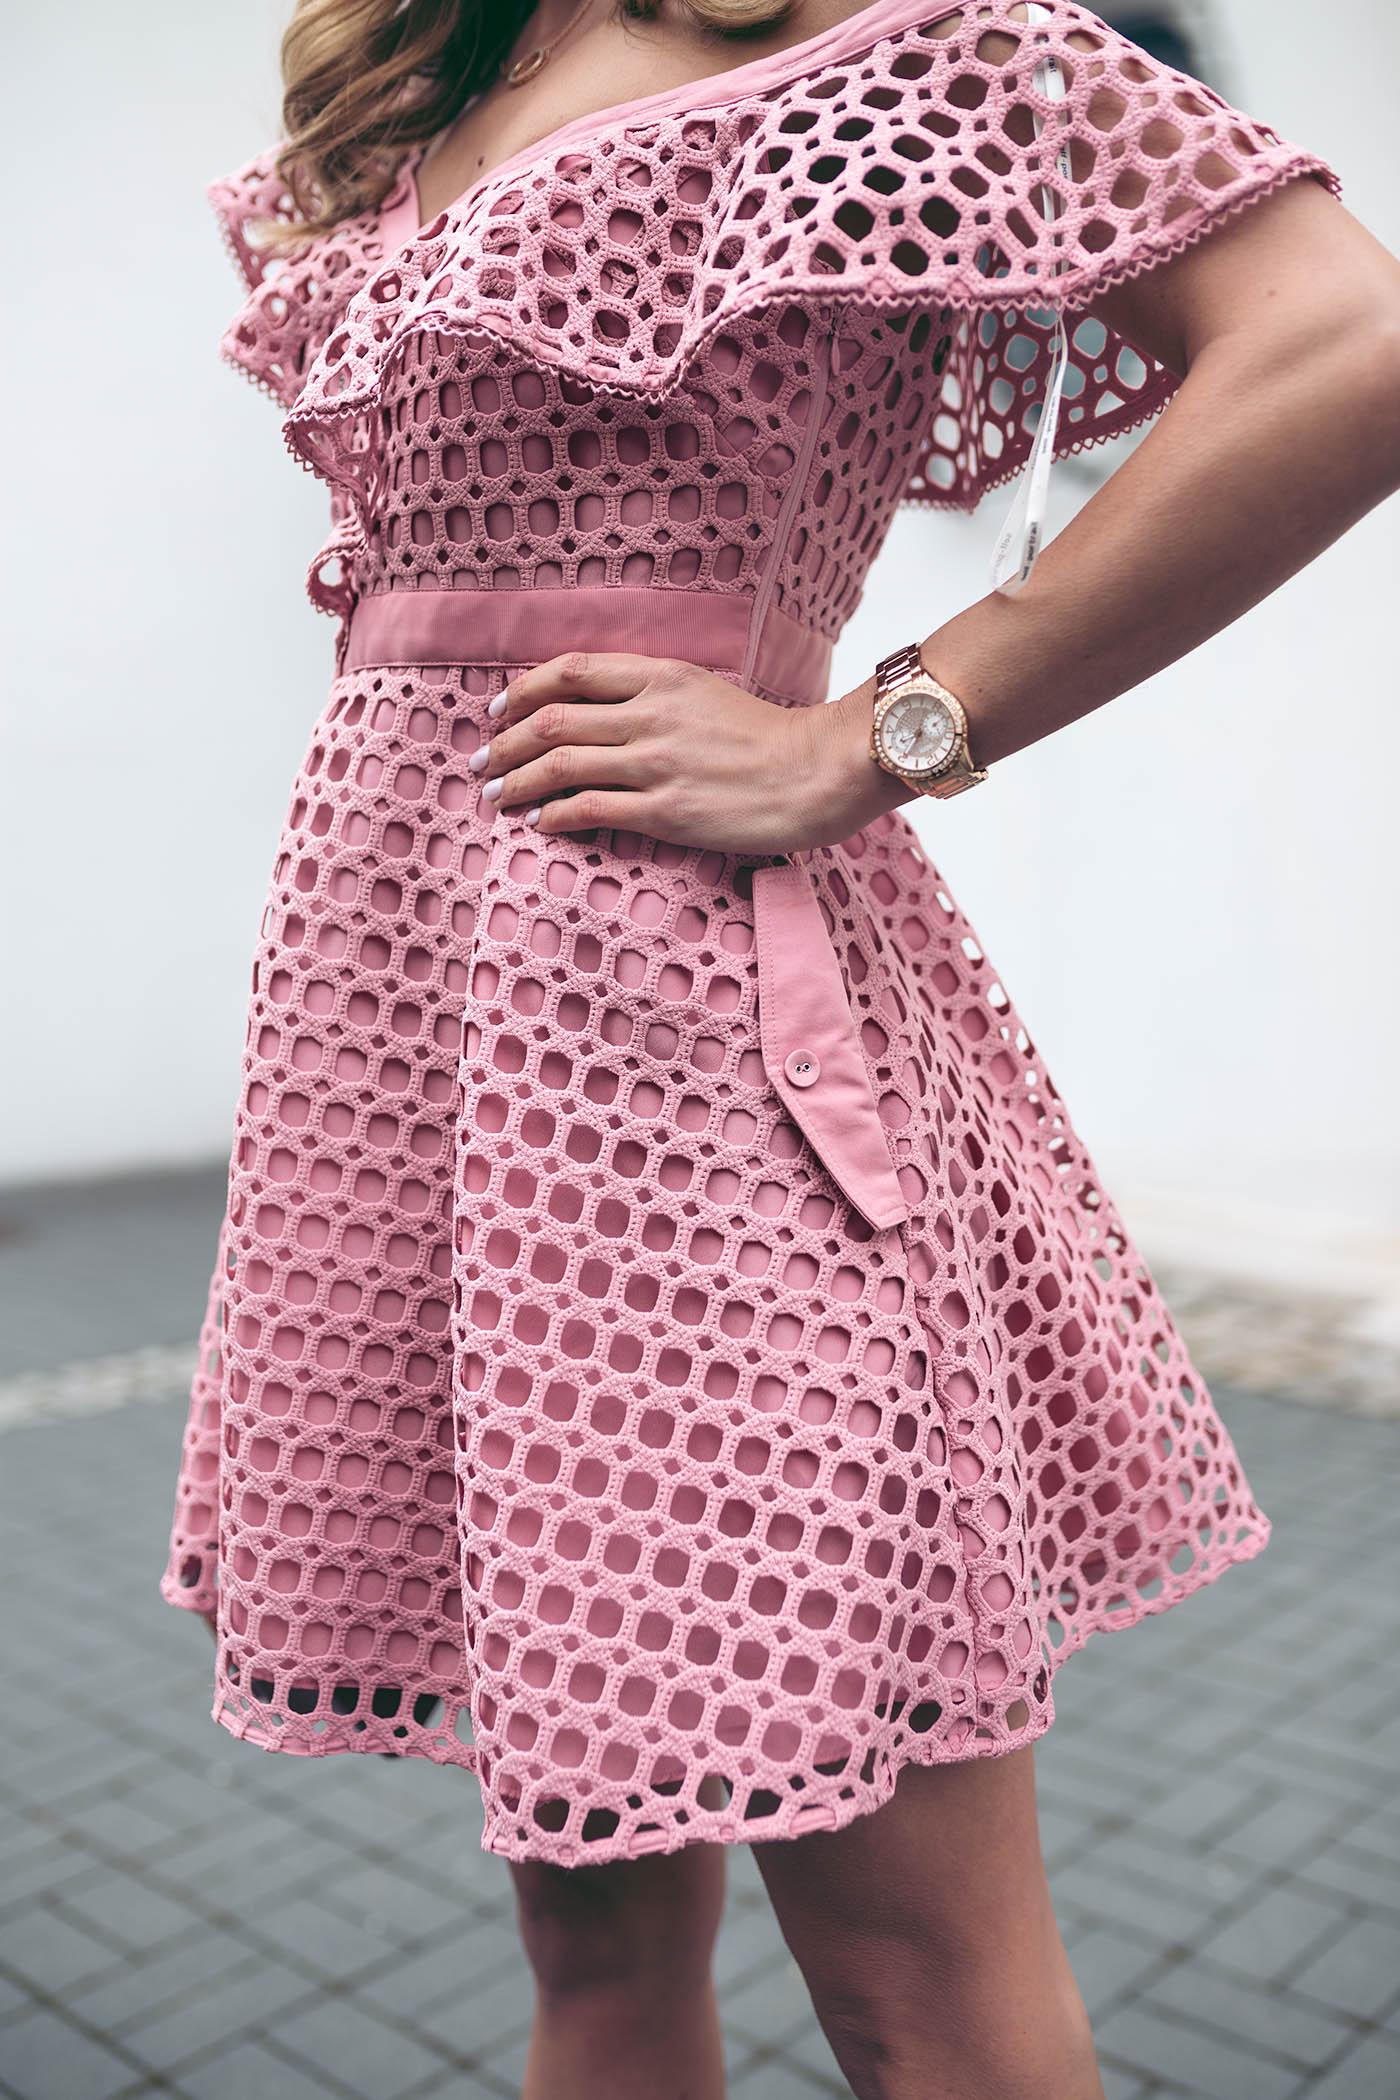 Sukienka Self Portrait, wypożyczalnia sukienek od projektantów, Self Portrait różowa, Love The Dress